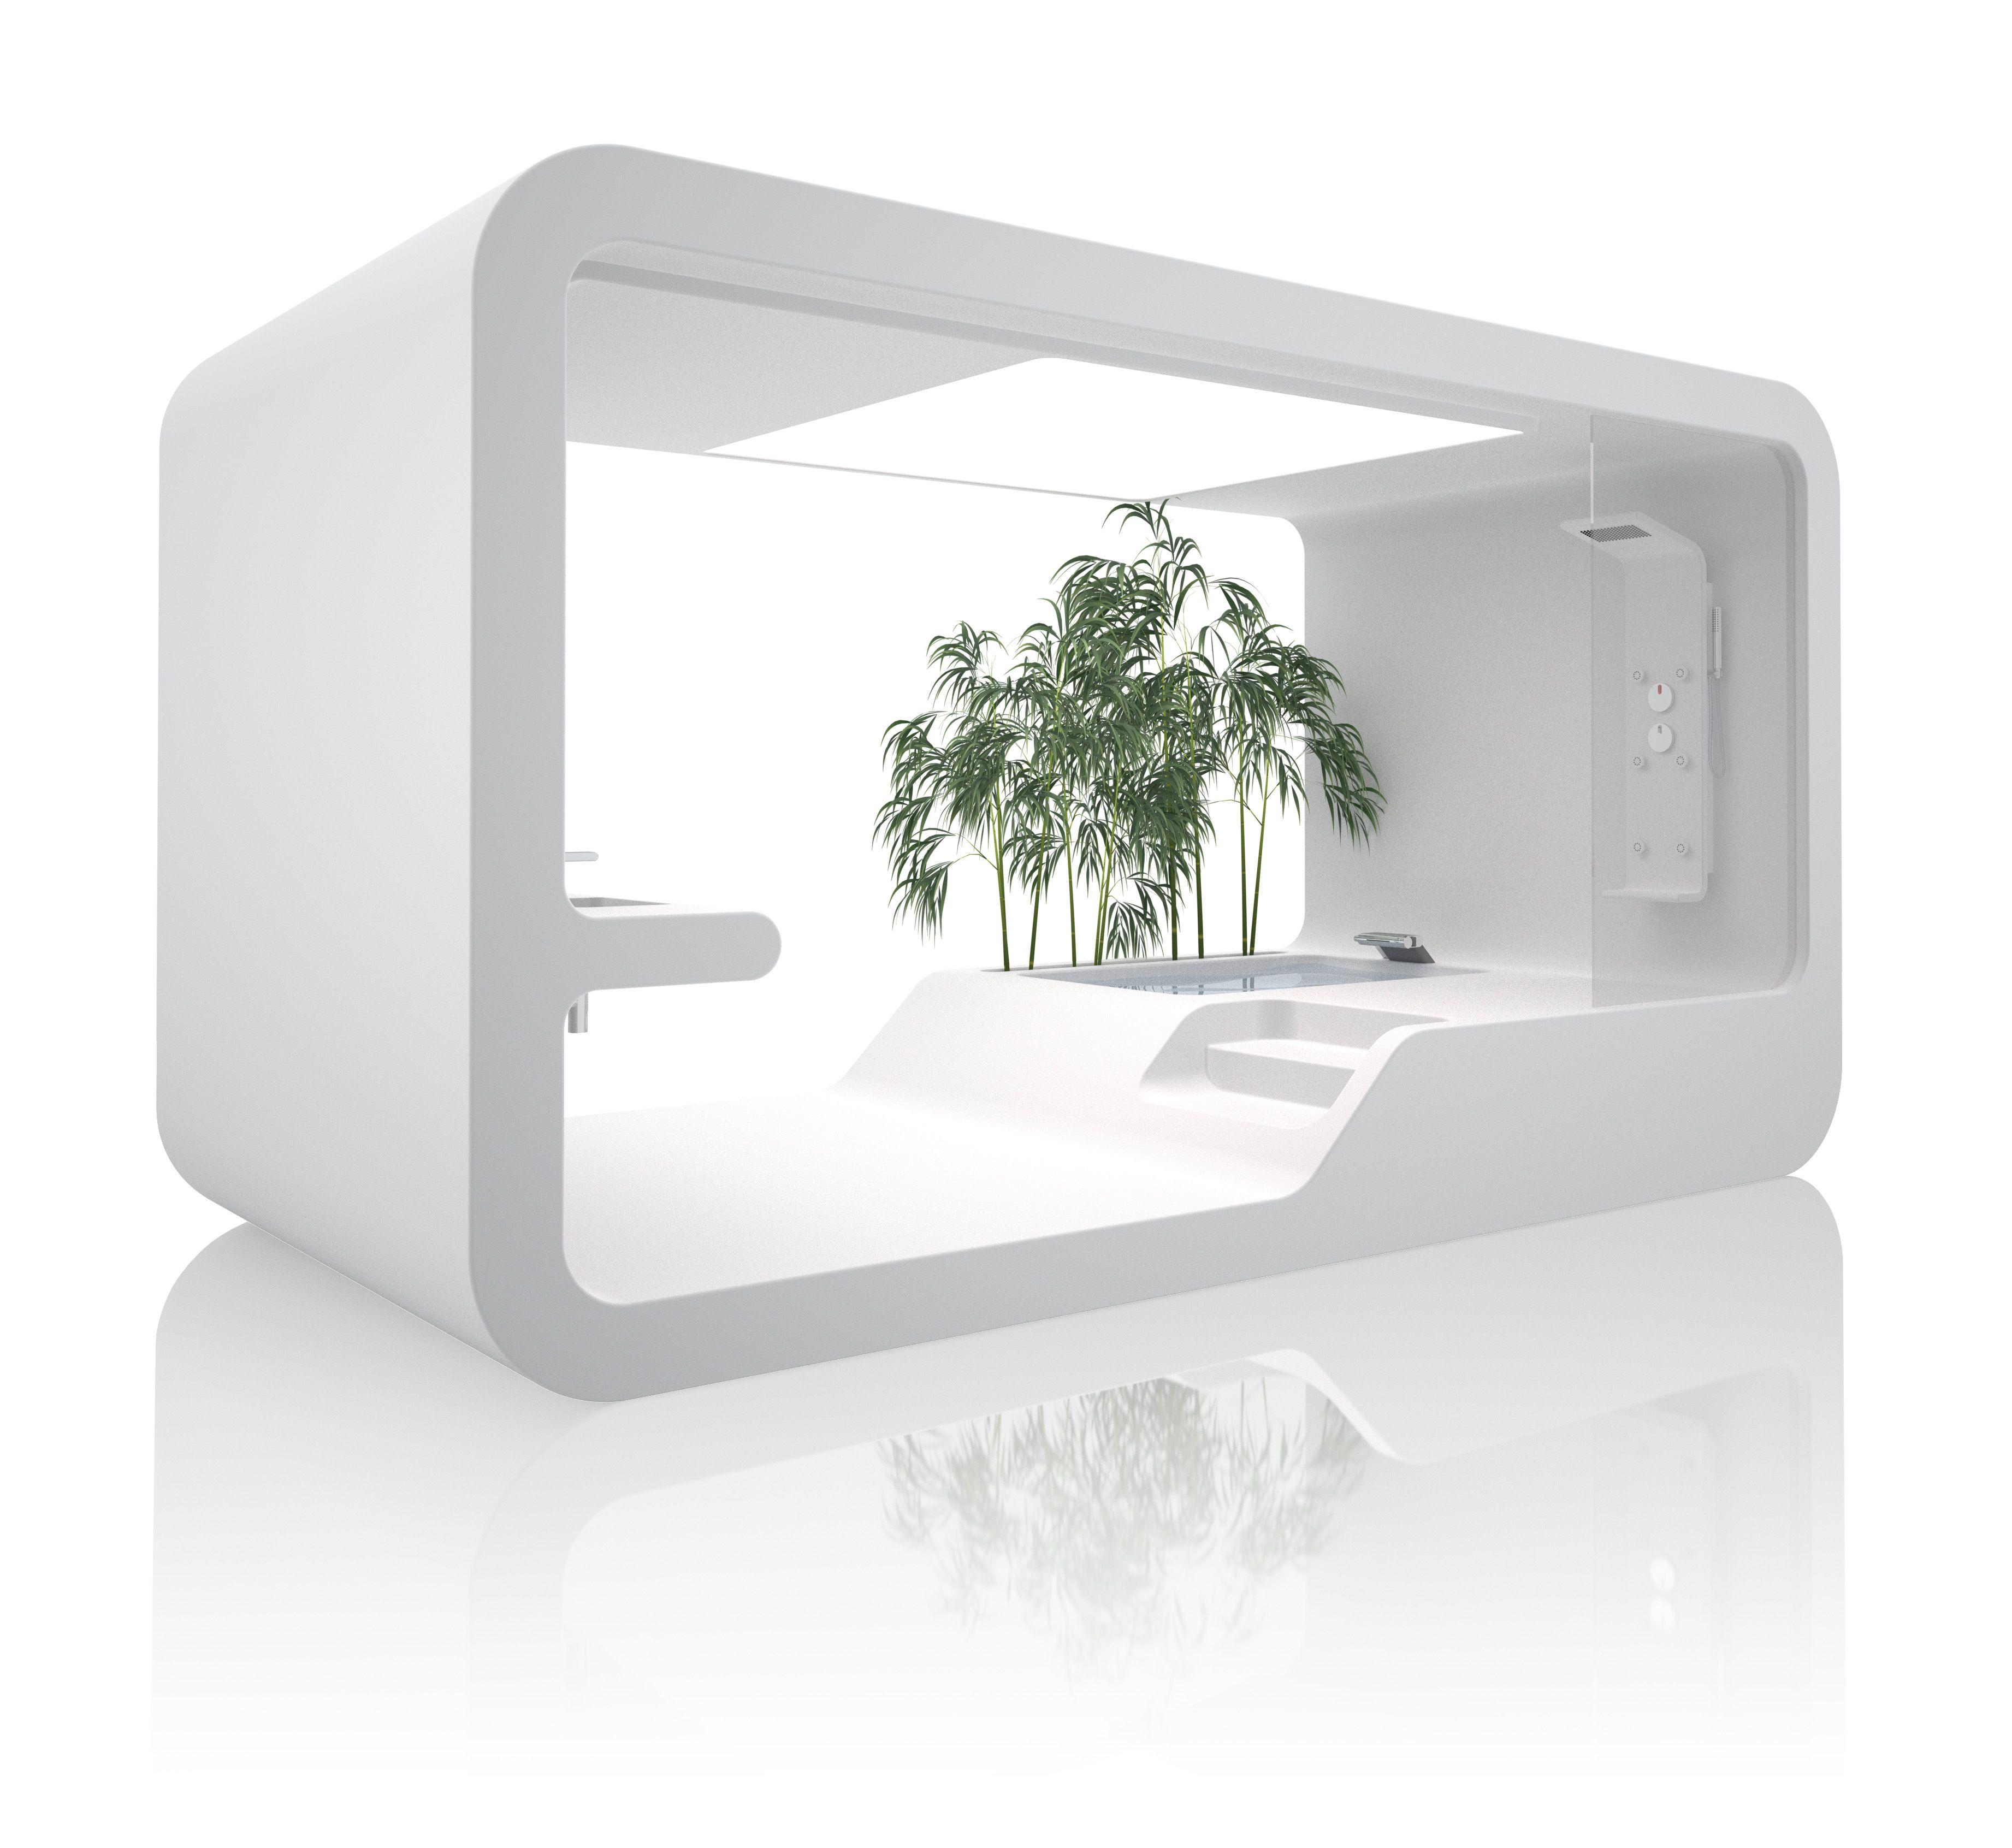 Ora Ito Futuristic Bathroom